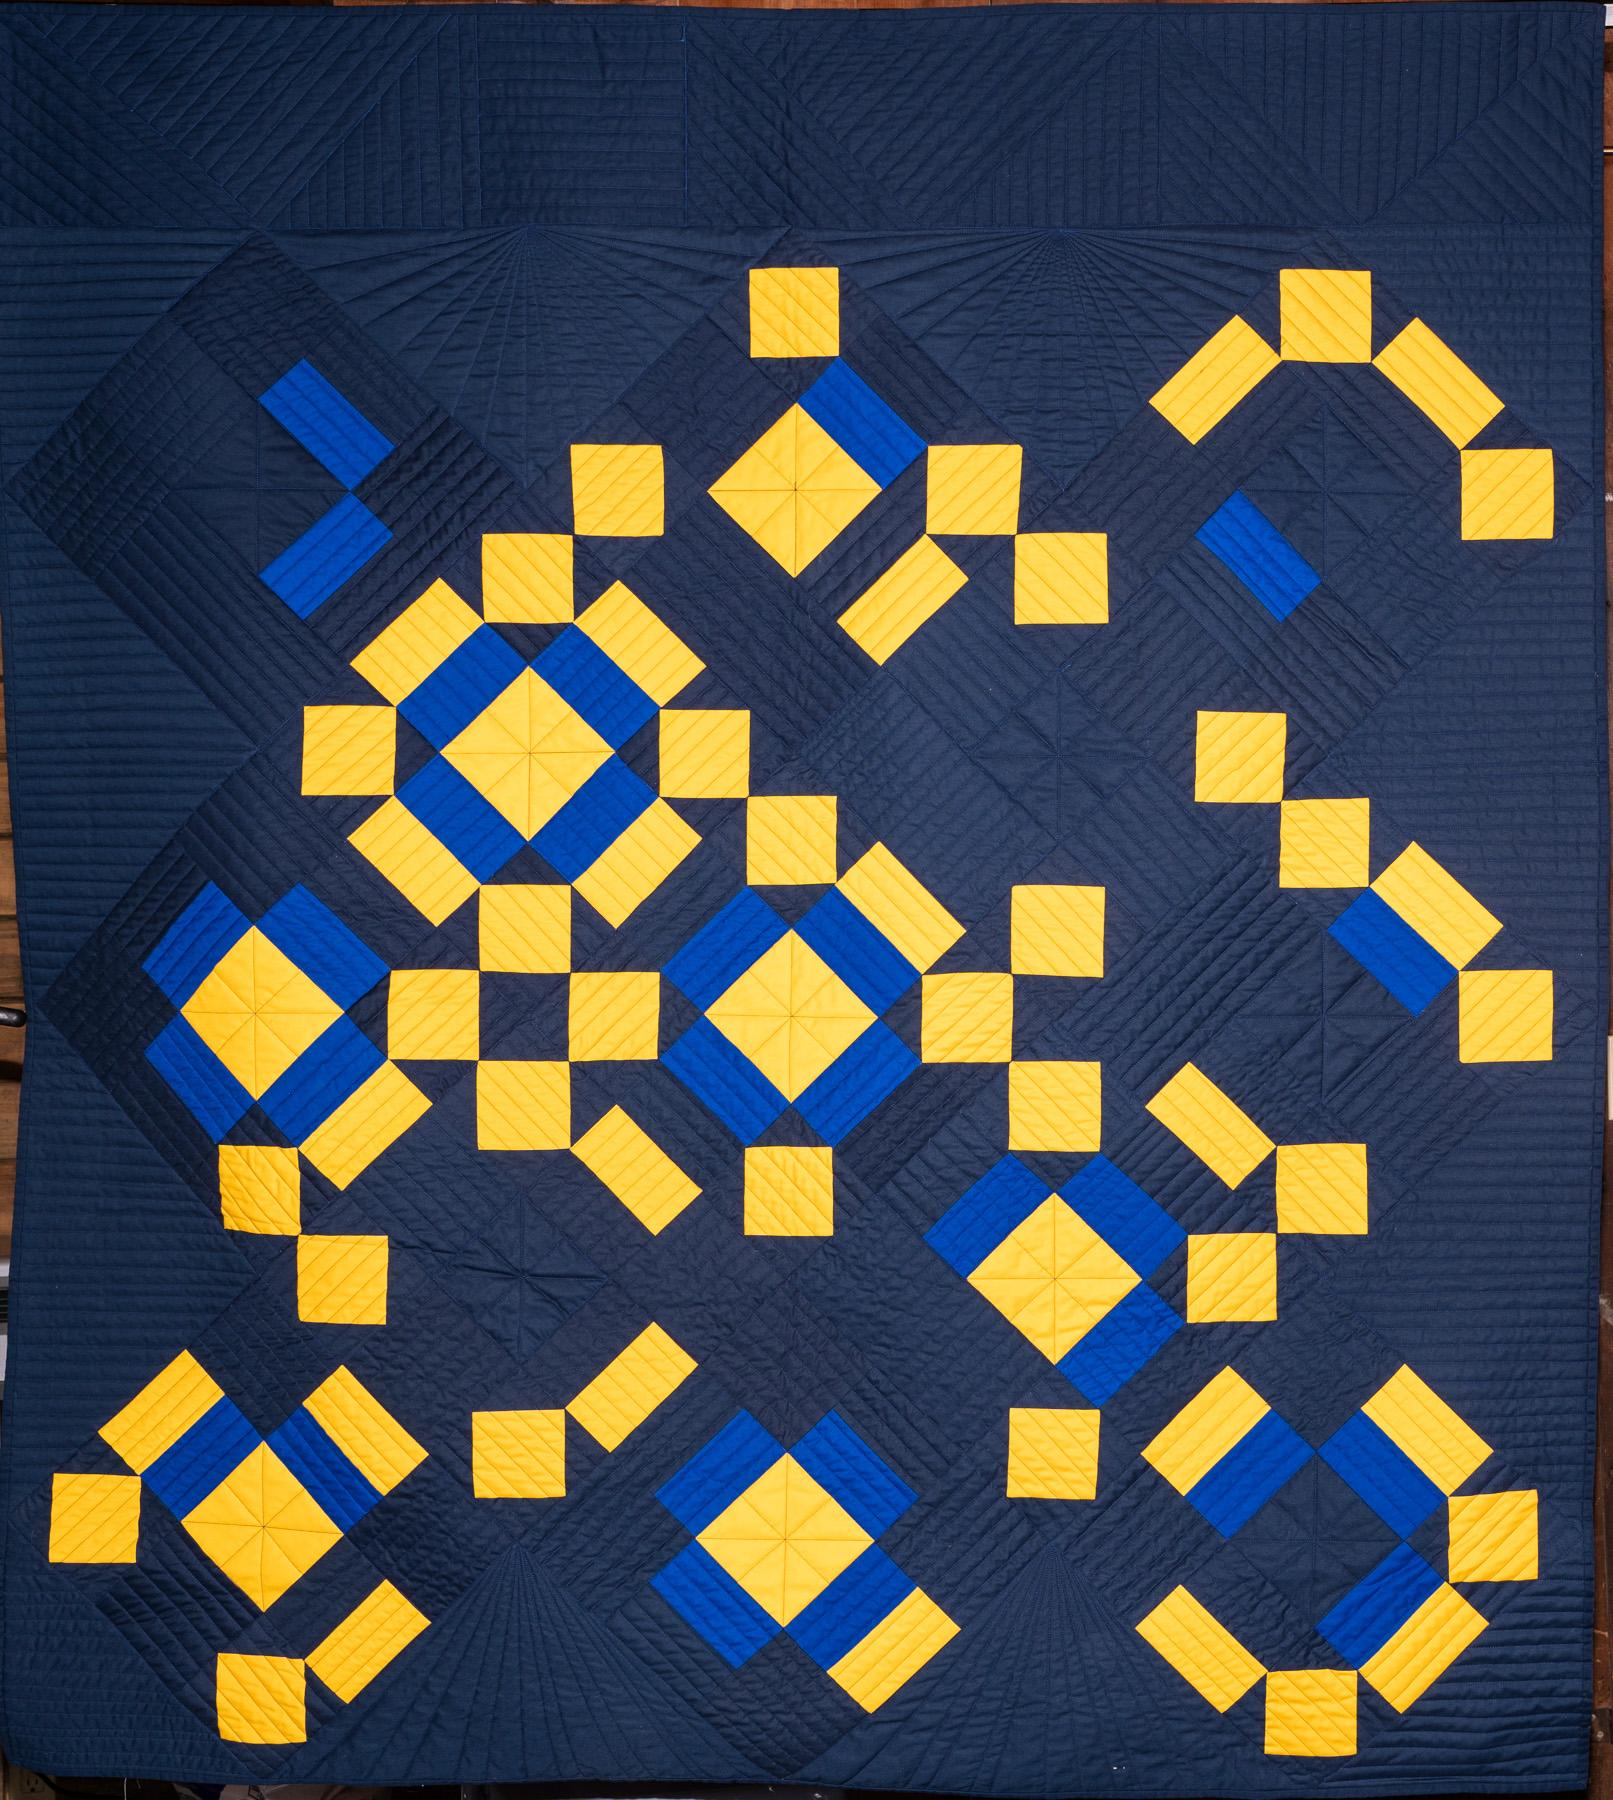 Modern Quilt Exhibit